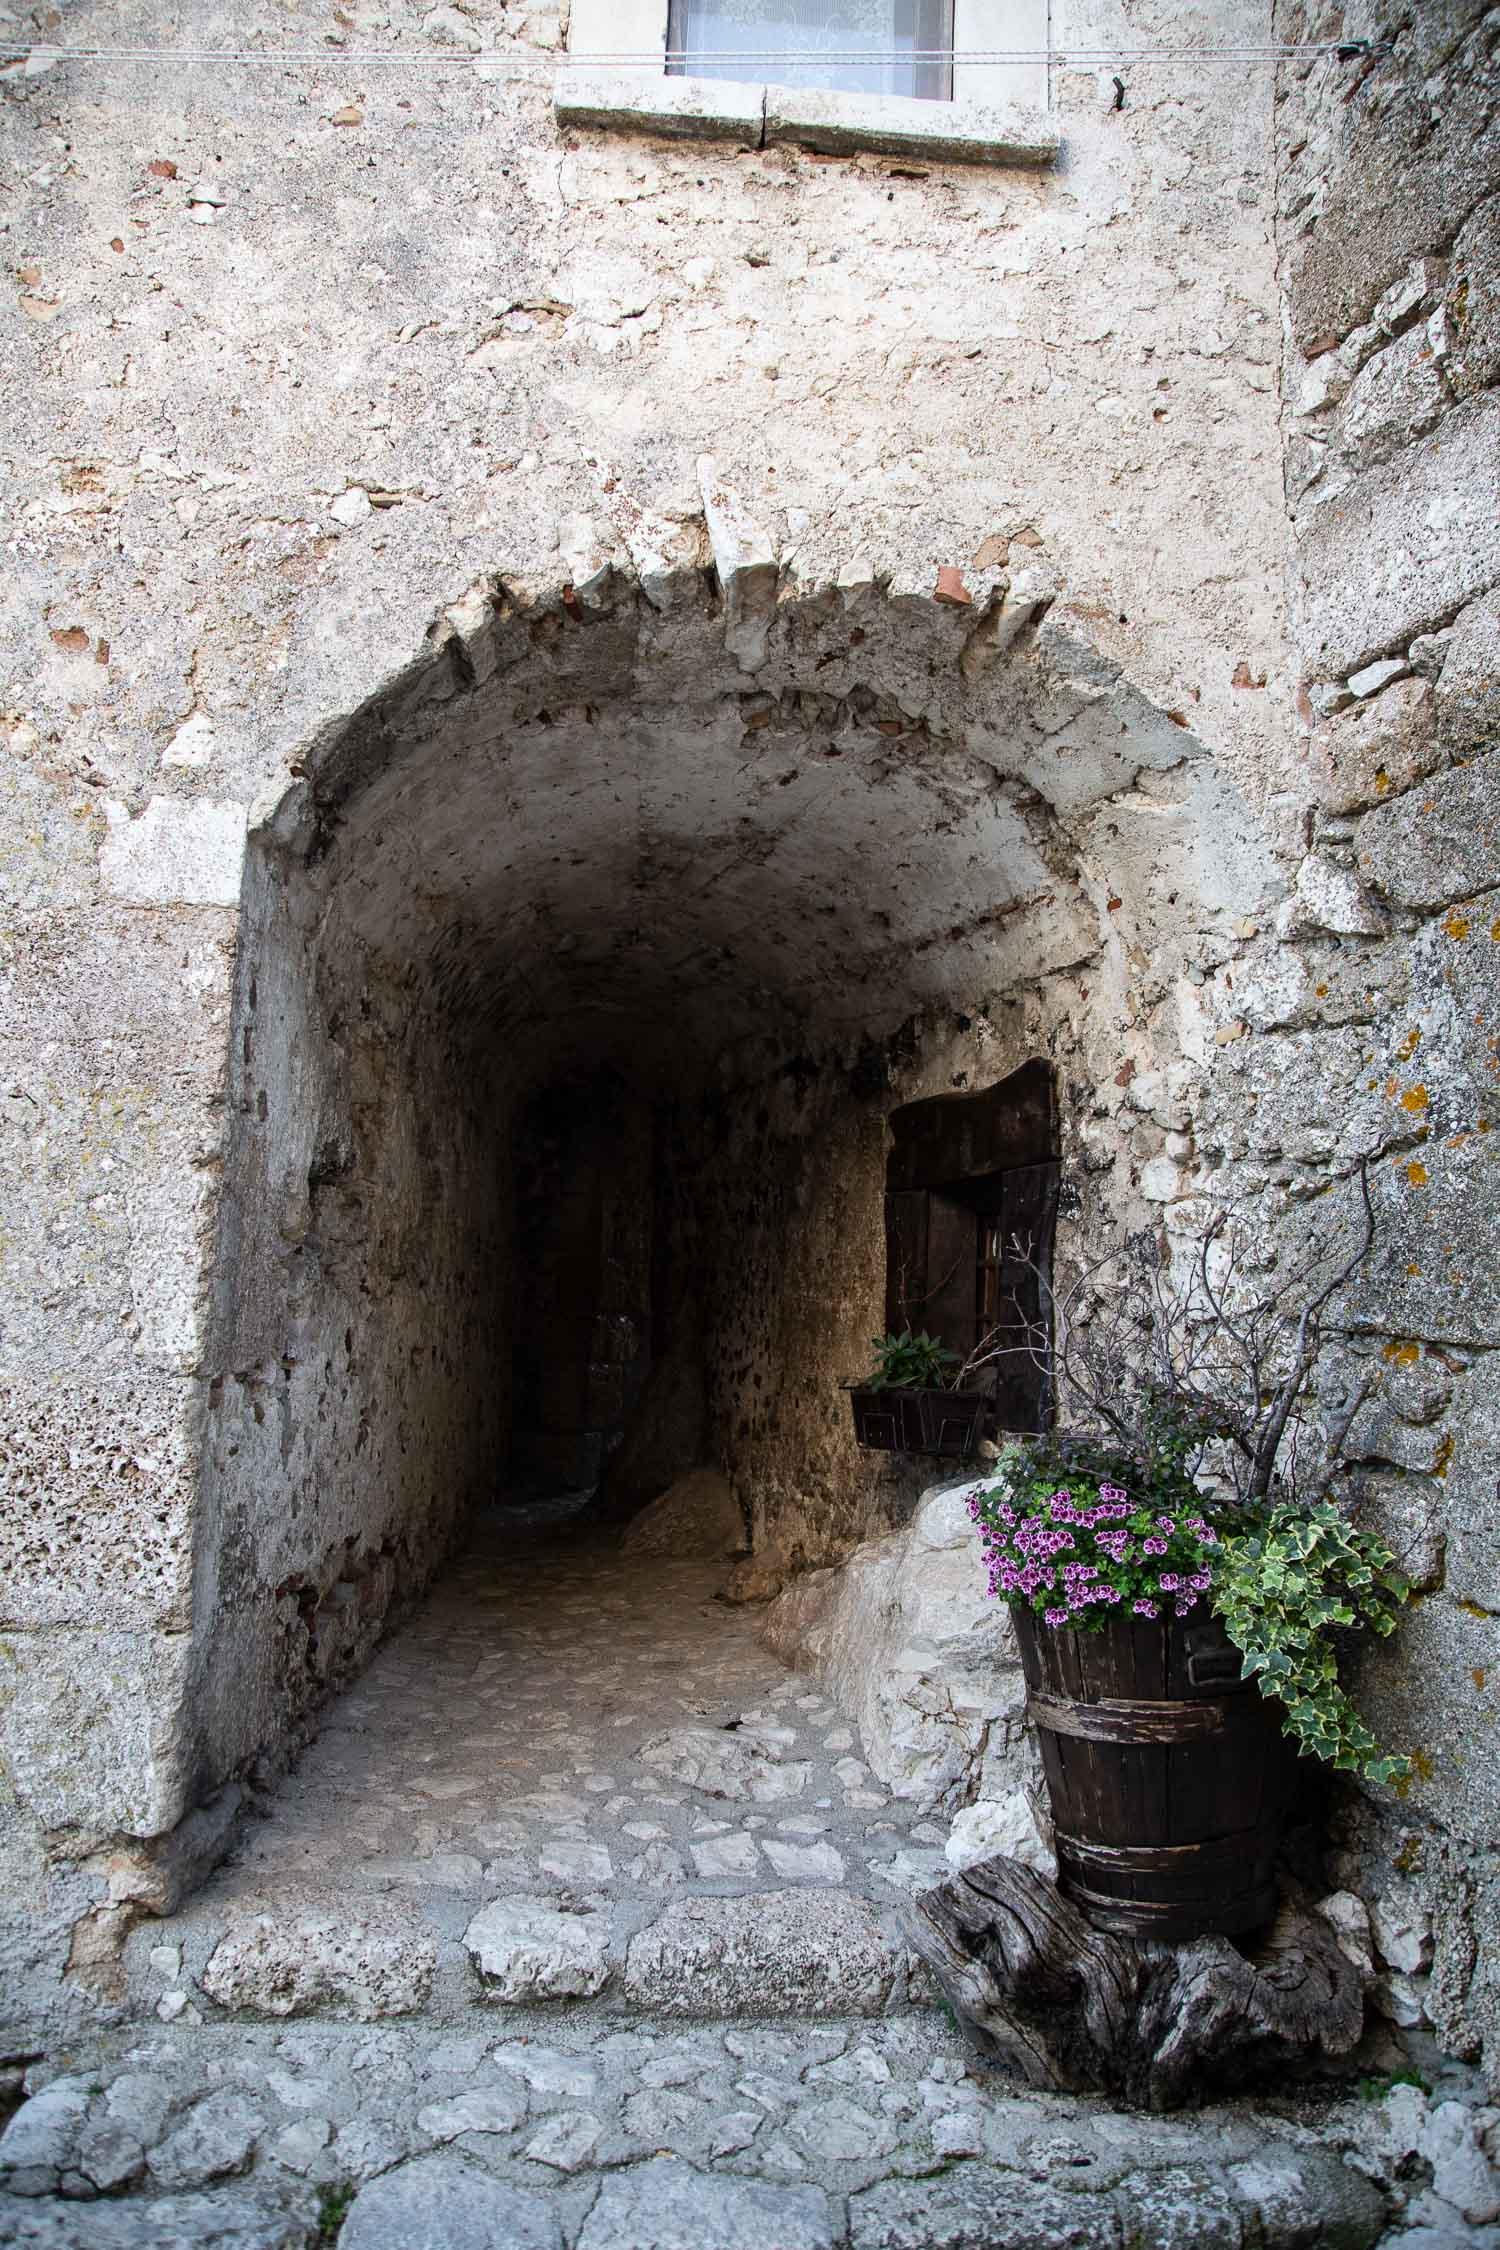 Santo-Stefano-di-Sessanio-Abruzzo-5625.jpg